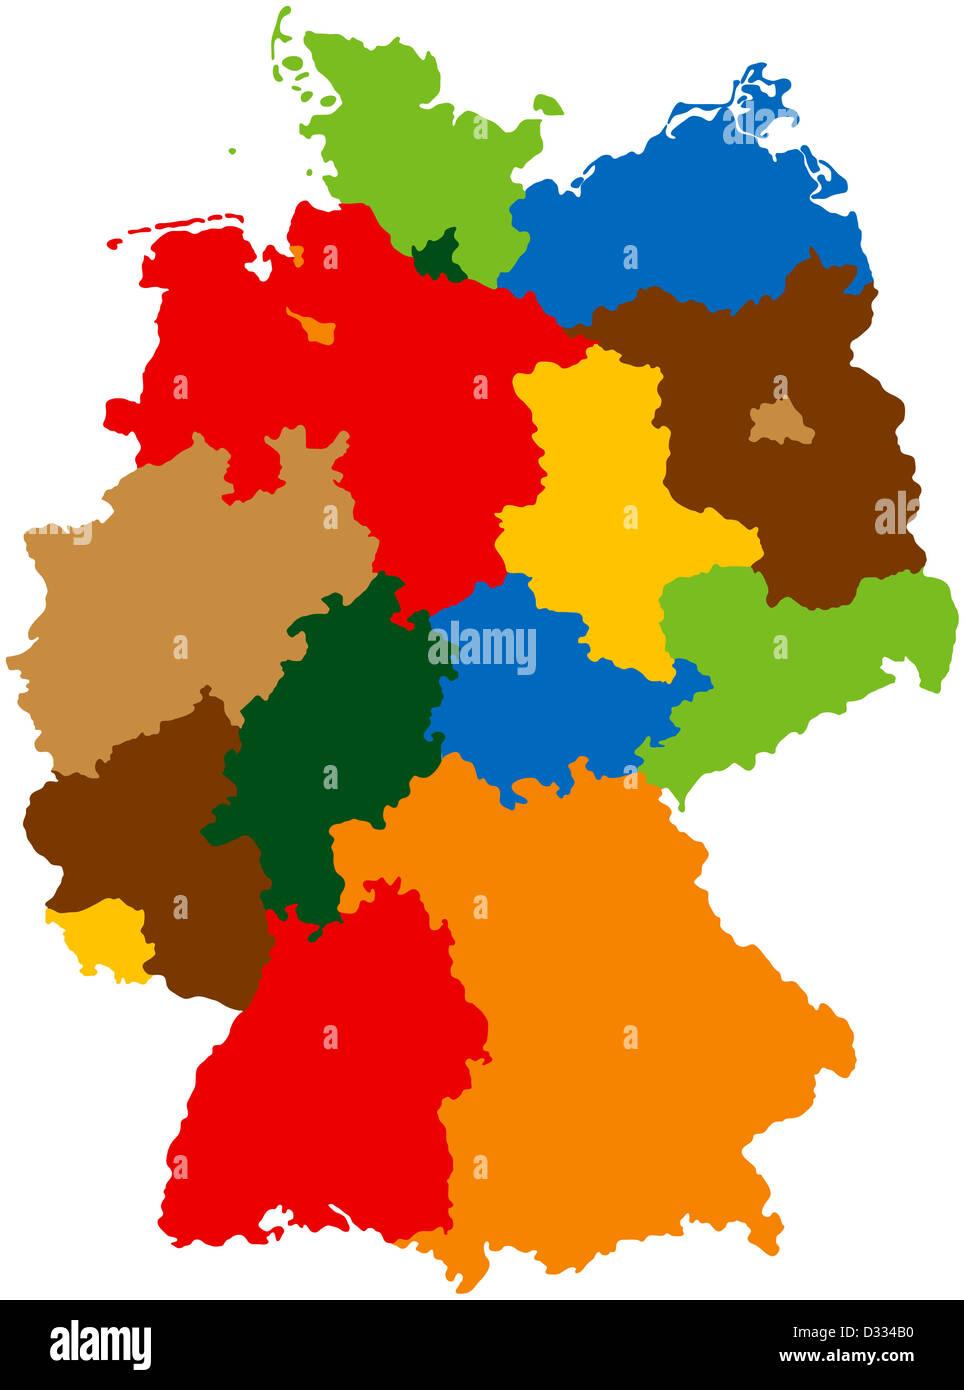 Karte Nordrhein Westfalen Bundesland Stockfotos Karte Nordrhein